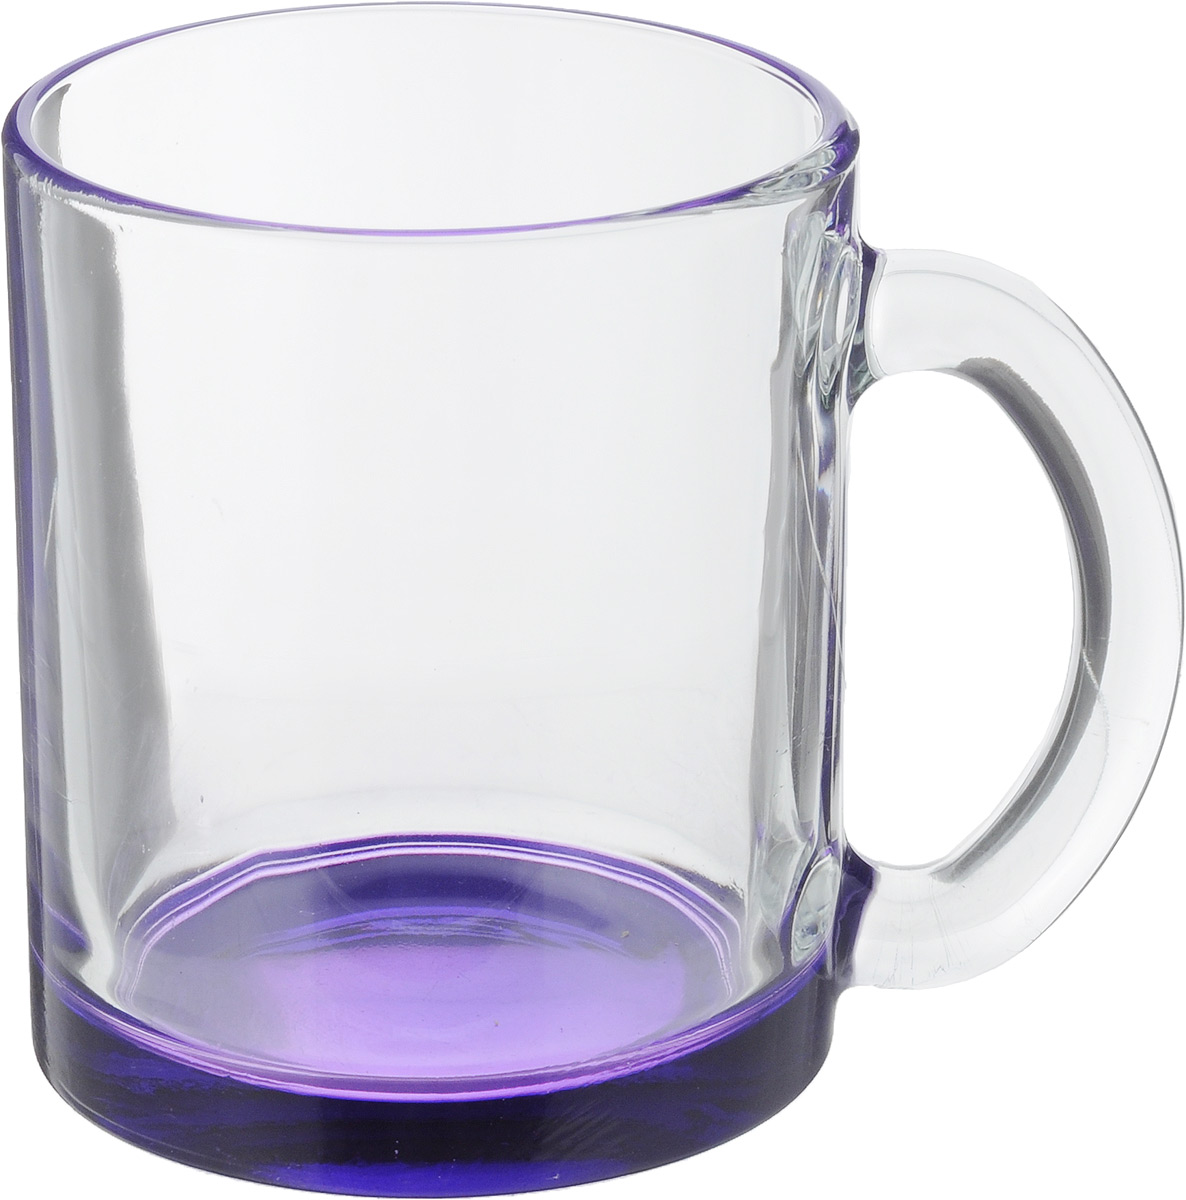 Кружка OSZ Чайная, цвет: прозрачный, фиолетовый, 320 мл54 009312Кружка OSZ Чайная изготовлена из стекла двух цветов. Изделие идеально подходит для сервировки стола.Кружка не только украсит ваш кухонный стол, но и подчеркнет прекрасный вкус хозяйки. Диаметр кружки (по верхнему краю): 8 см. Высота кружки: 9,5 см. Объем кружки: 320 мл.